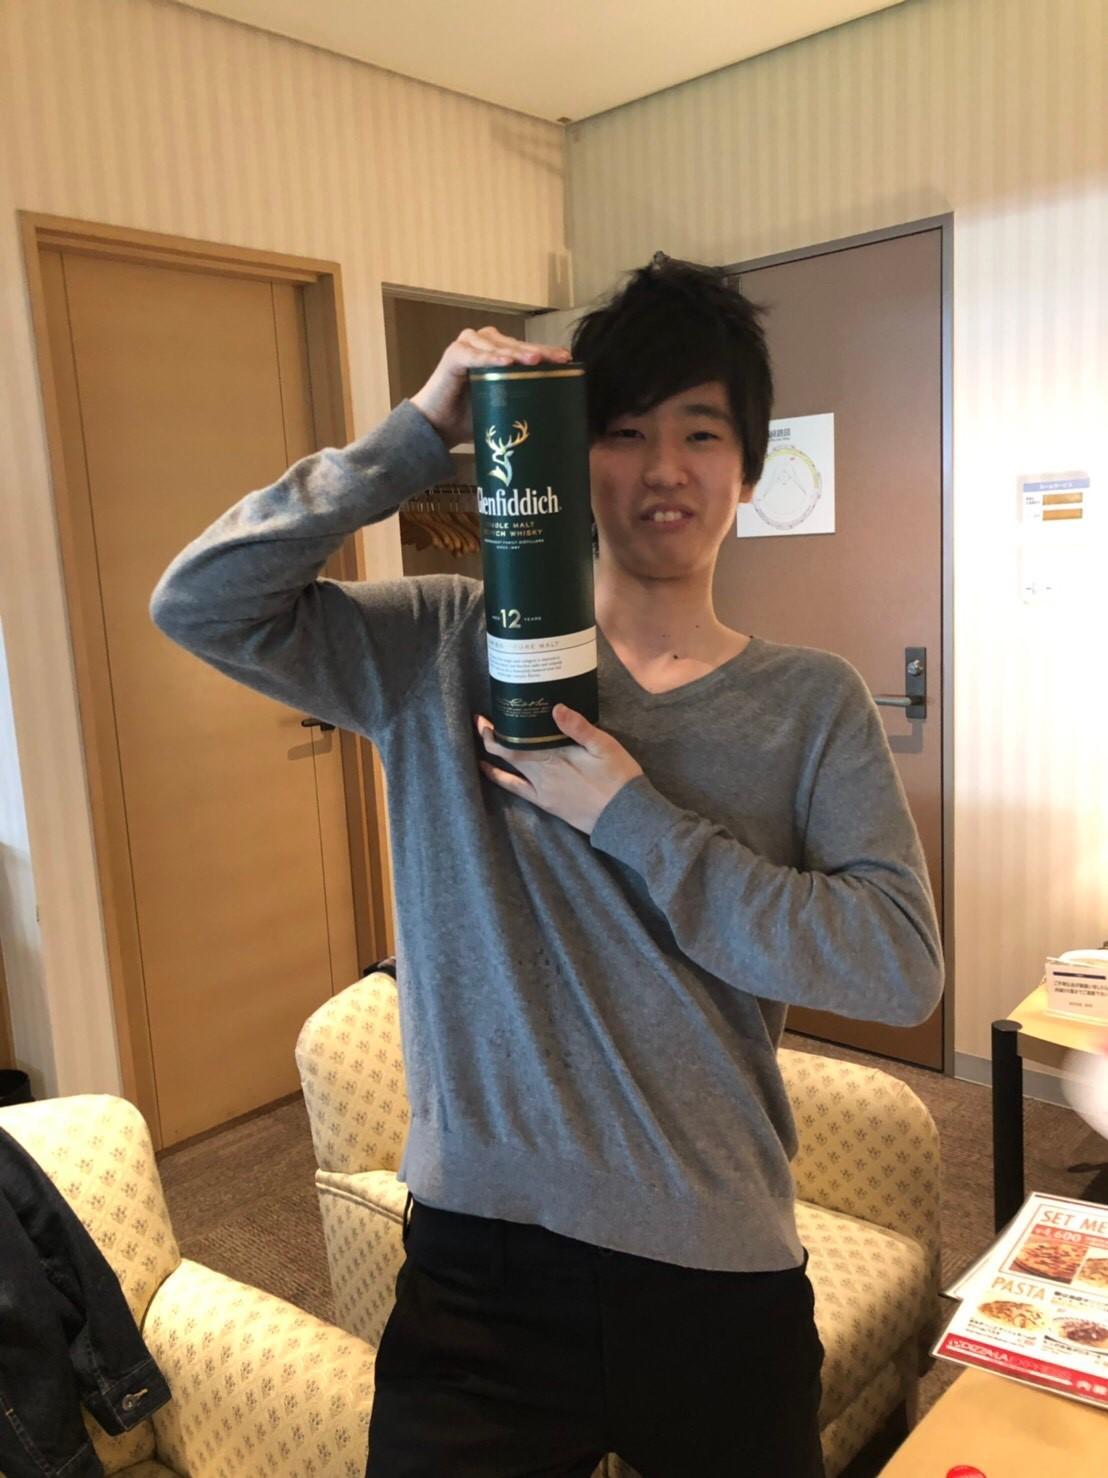 スーパーボックスin鷹ガールデー!!_b0191255_18583591.jpg